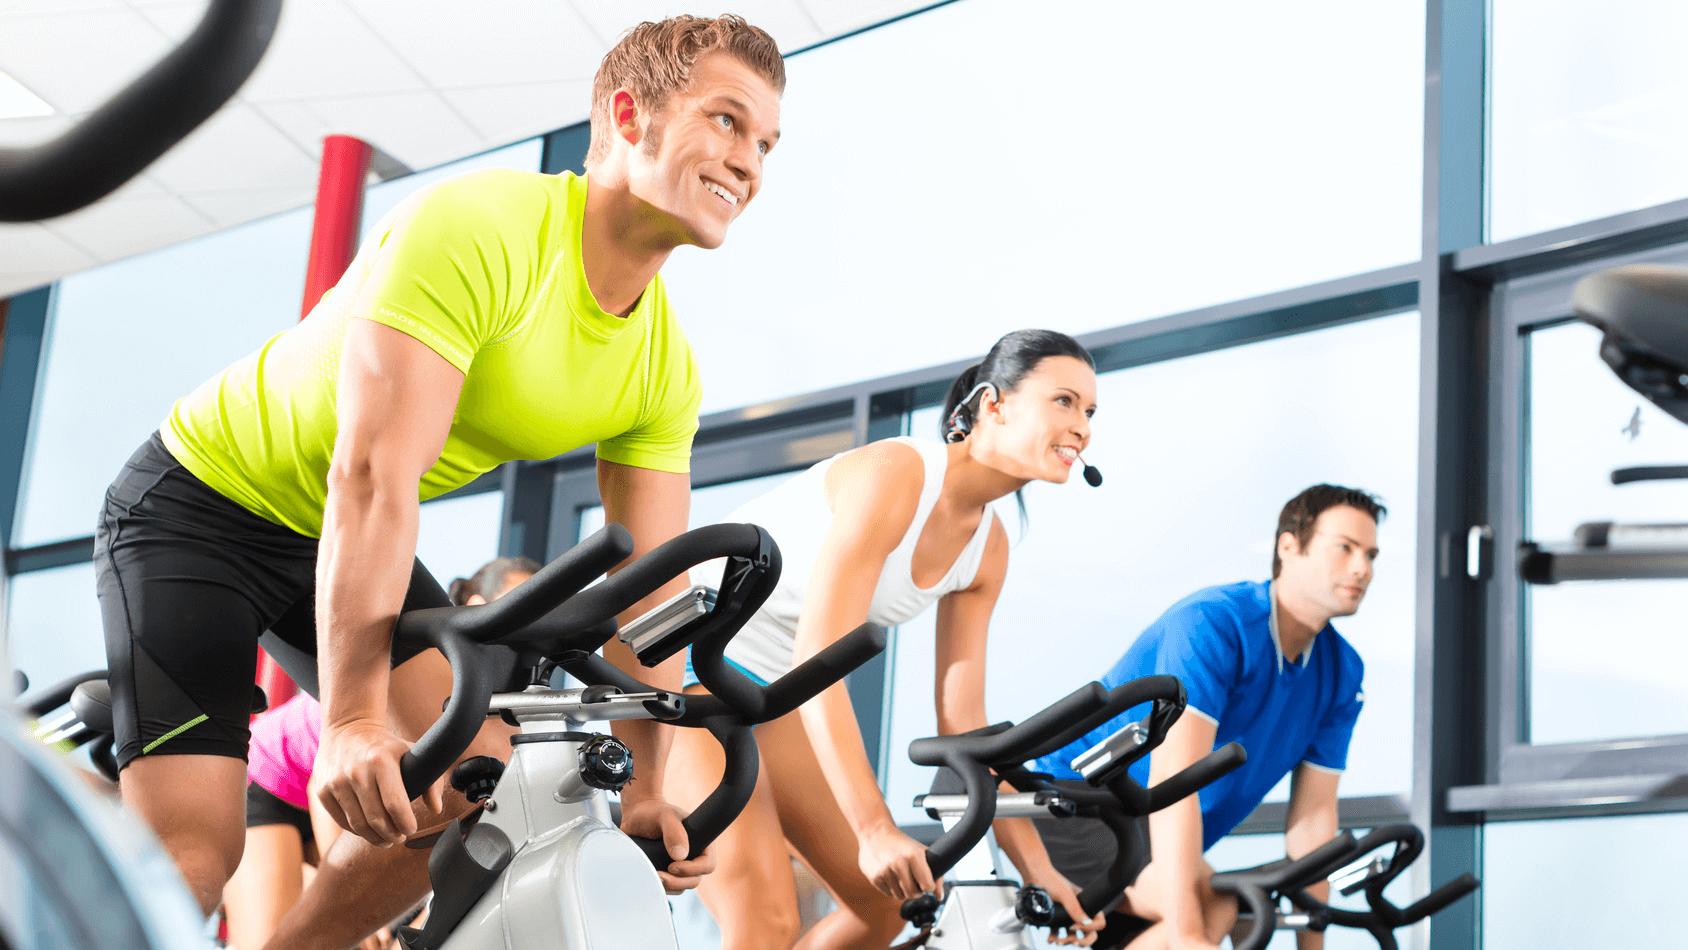 Fitnessstudio ohne Bindung – Alternativen zum langfristigen Vertrag